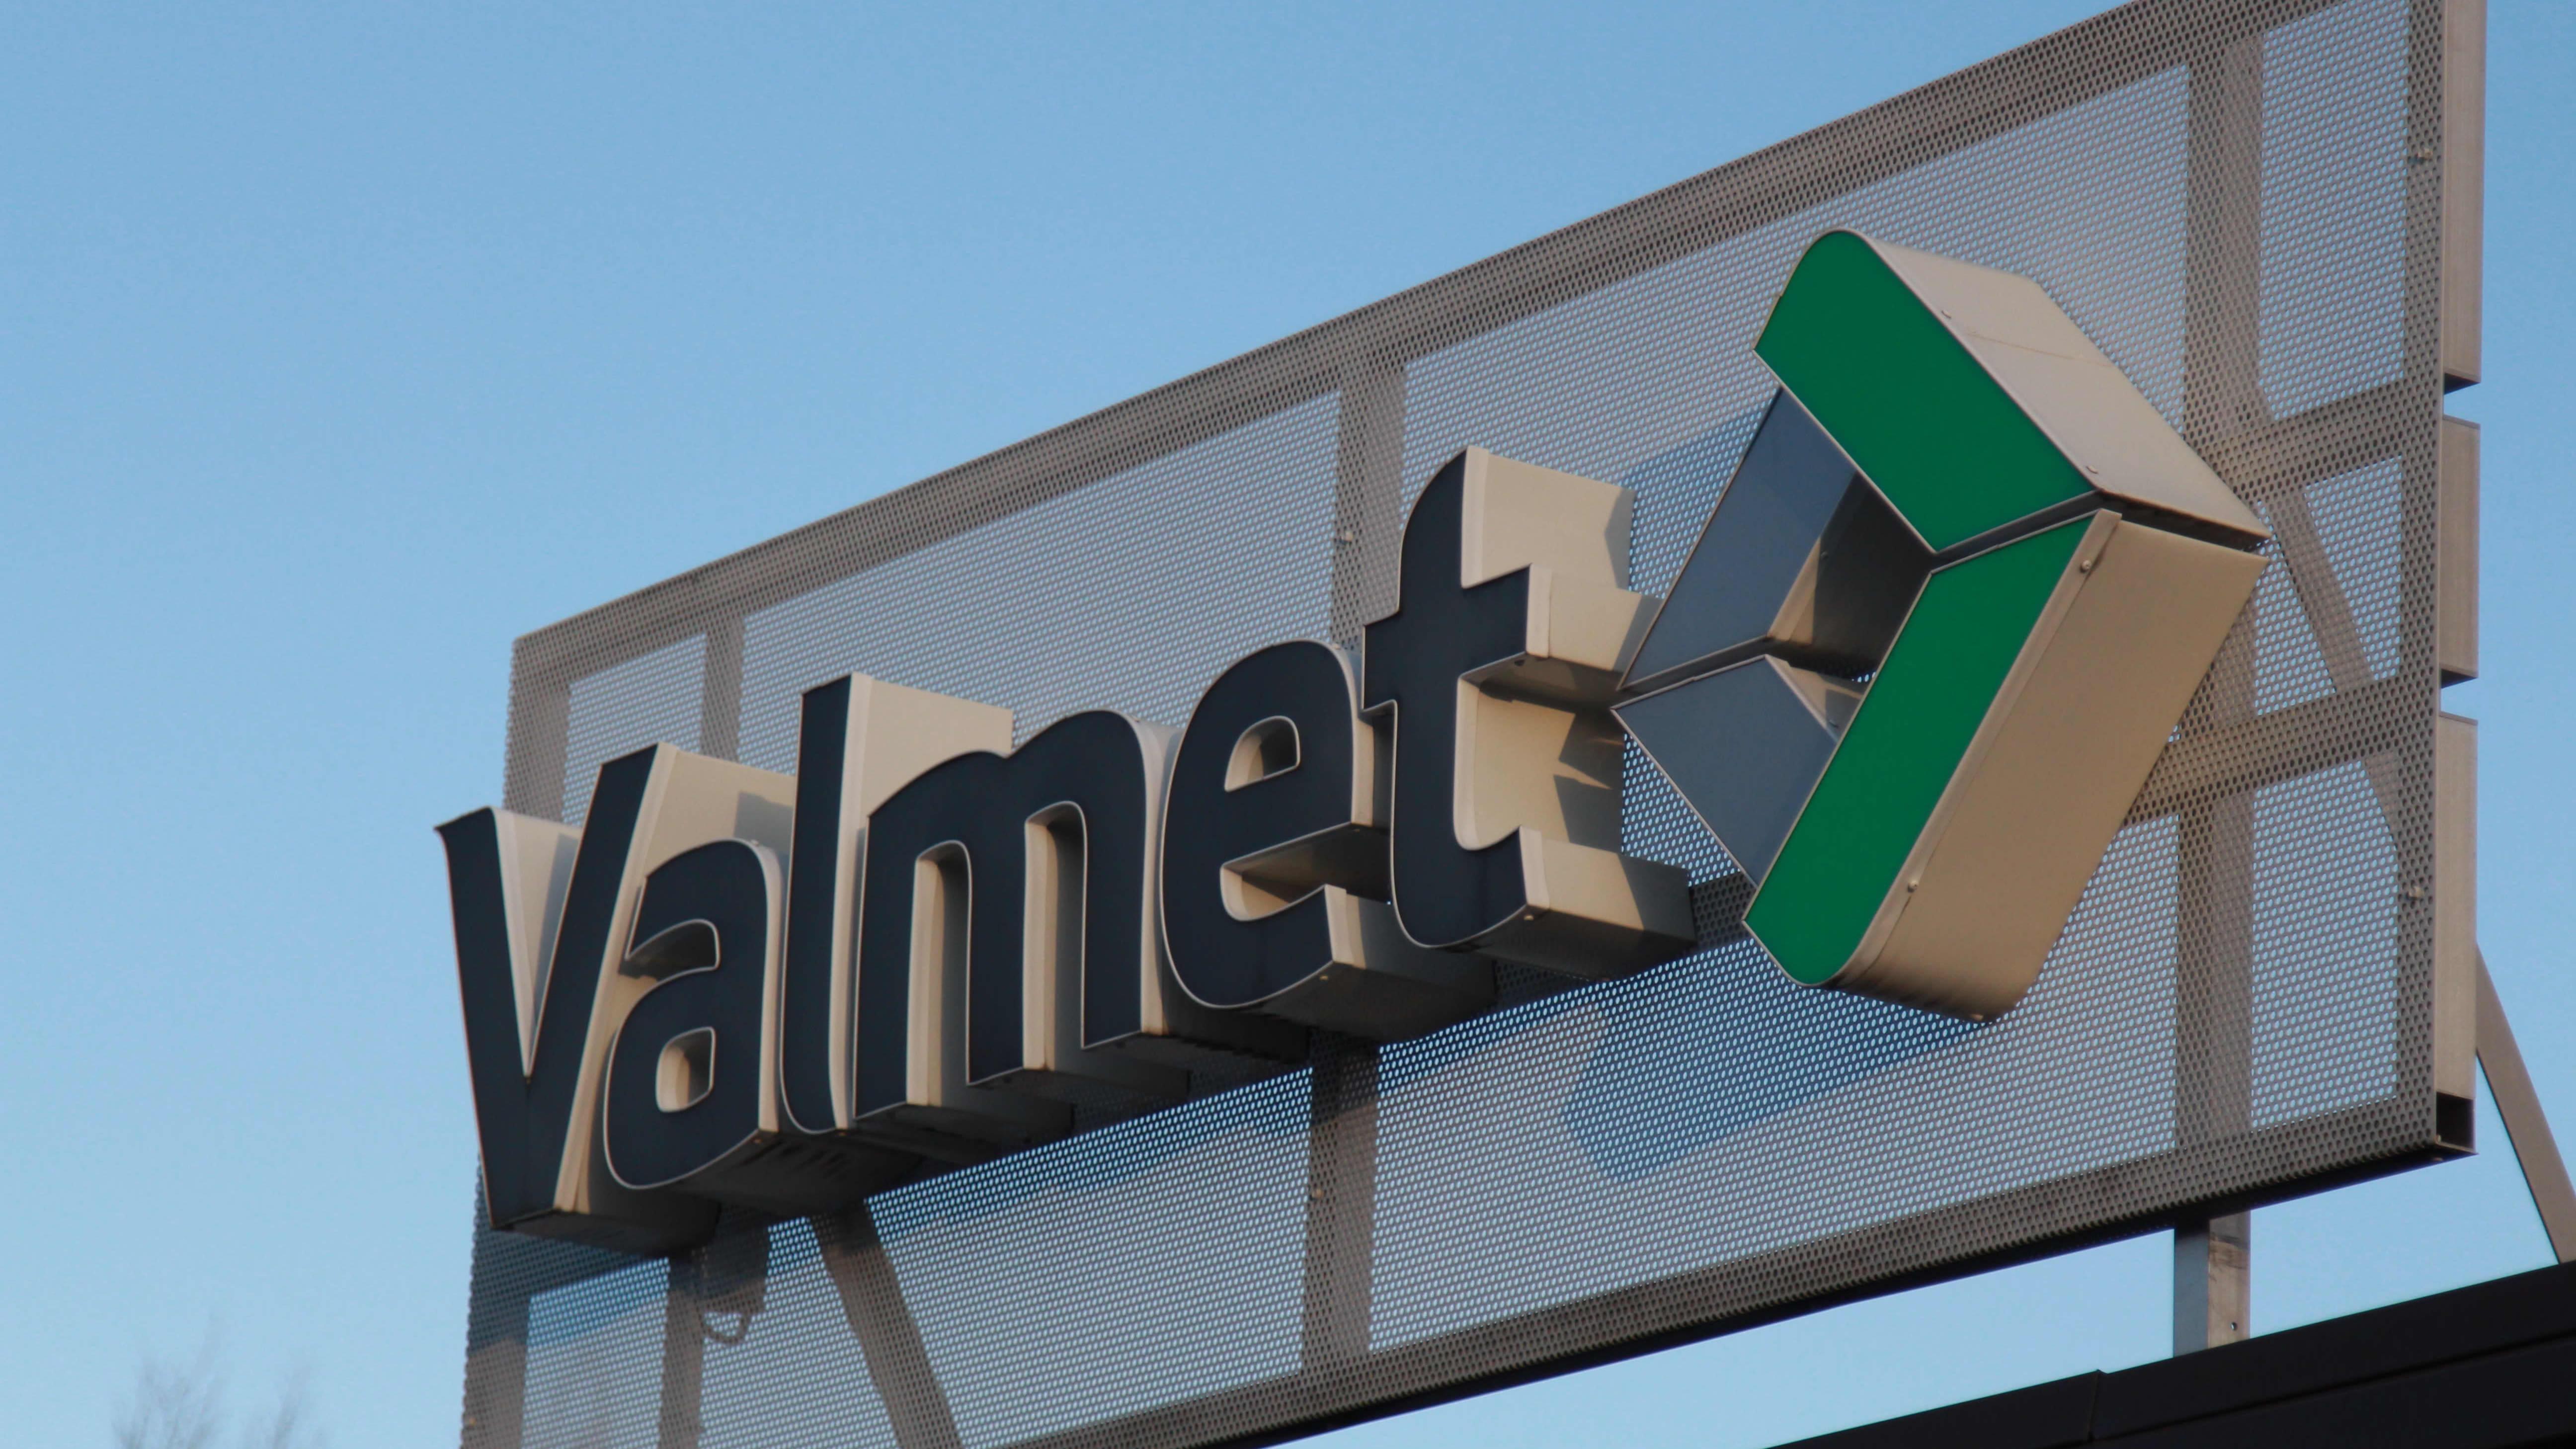 Valmet Tampere